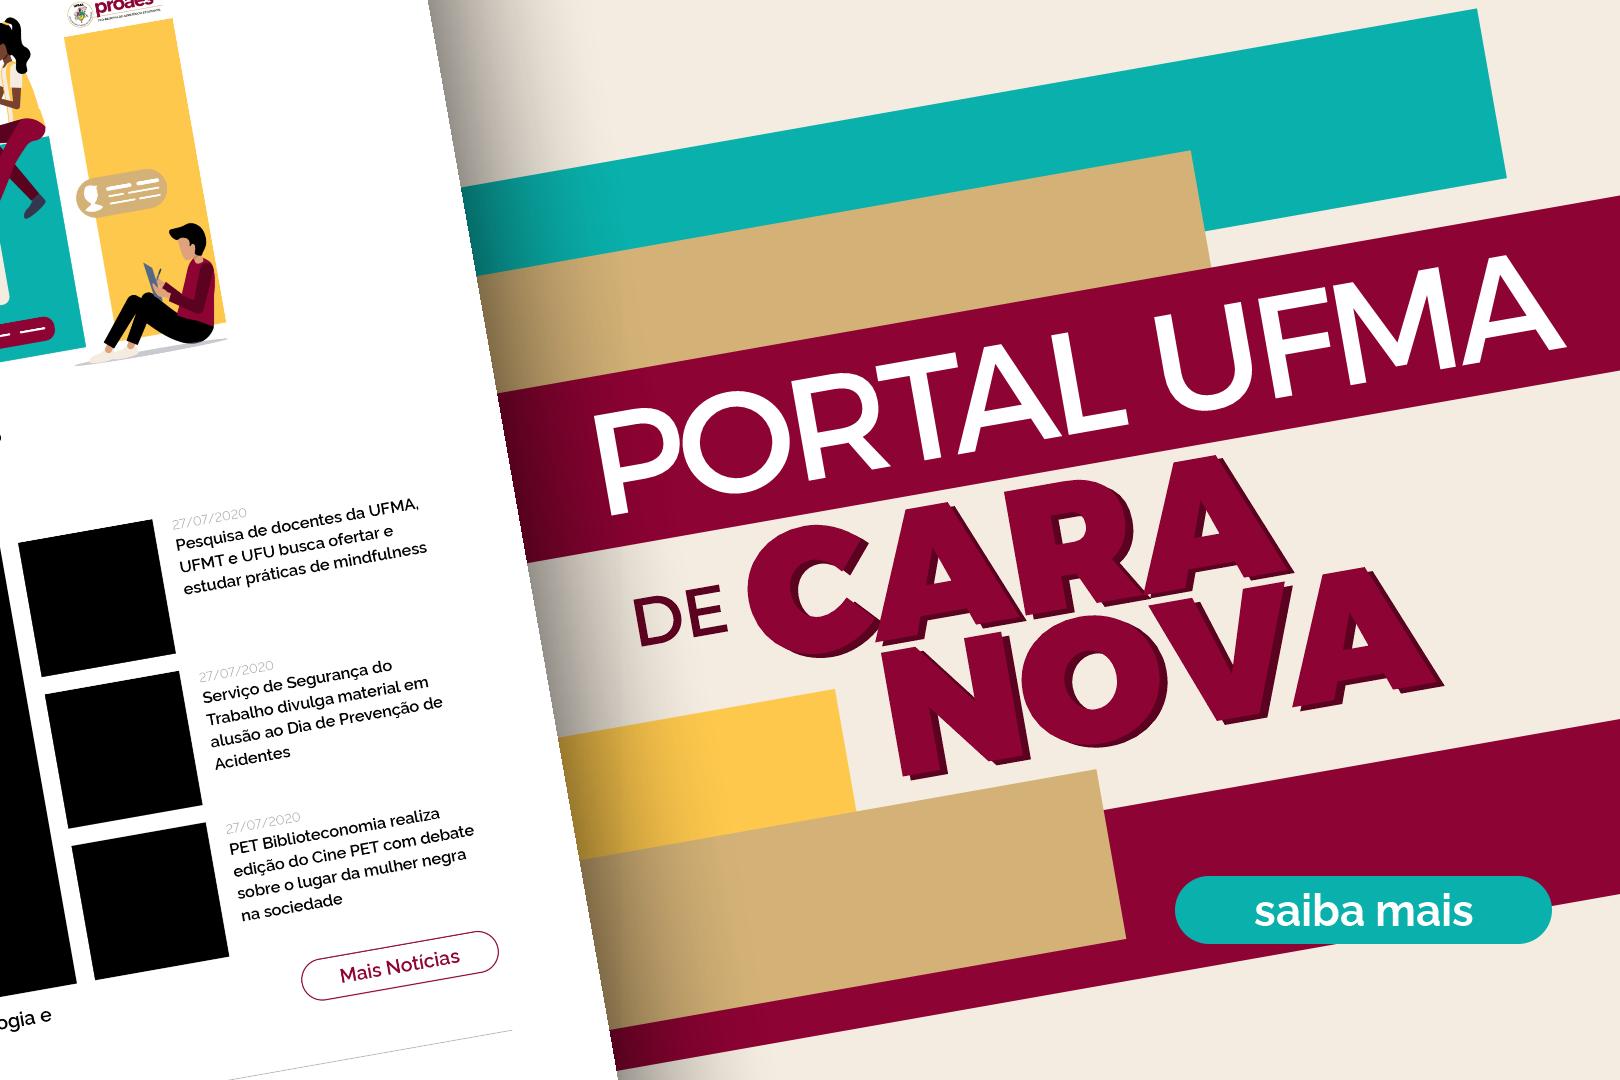 Imagem:Portal da UFMA  de cara nova (em processo de atualização). Acesse o novo portal clicando neste aviso ou saia dele para acessar o antigo. Você pode sair do aviso teclando ESC.